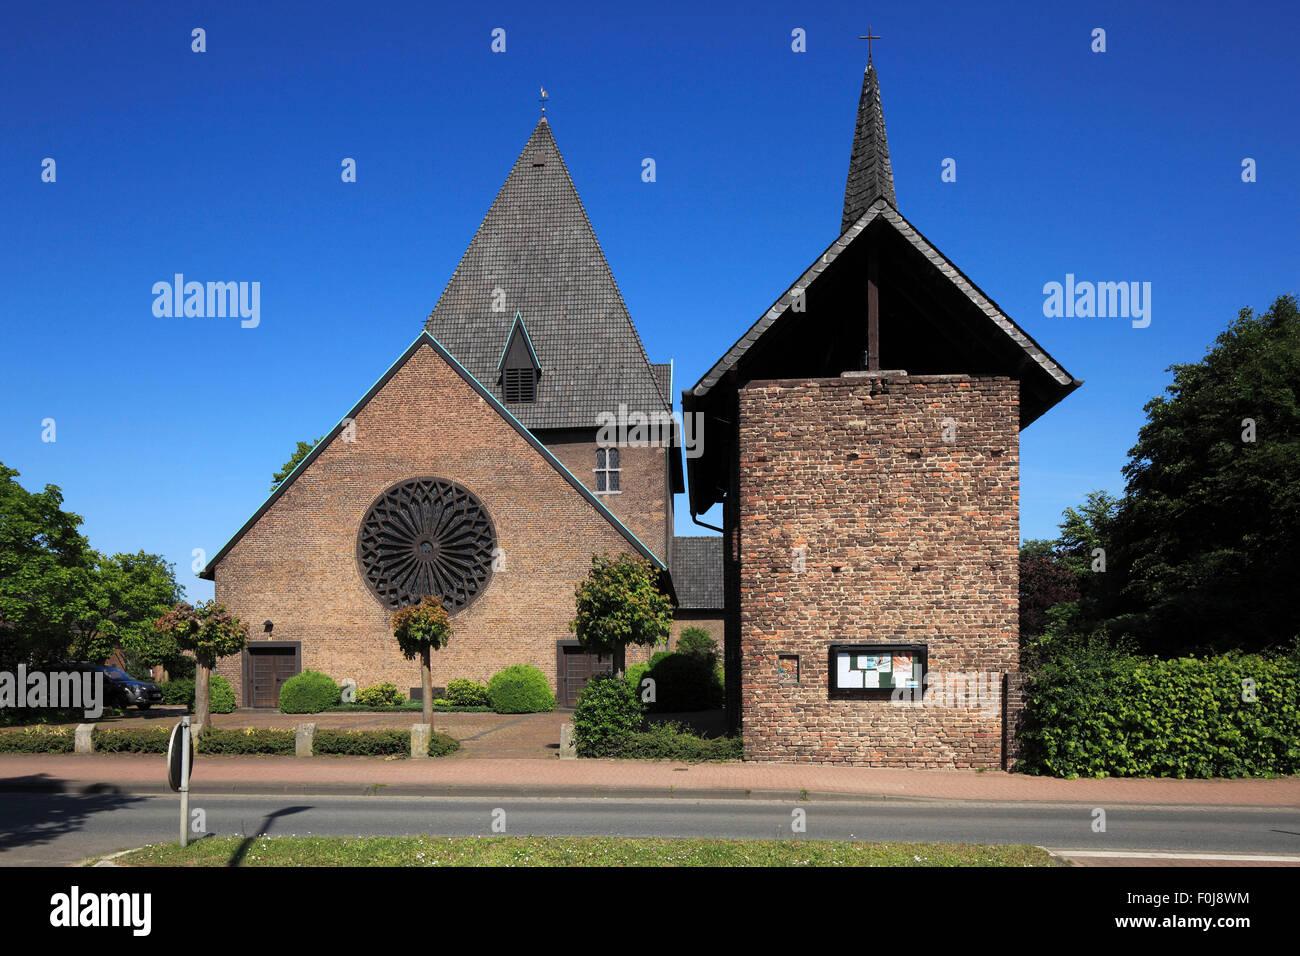 Katholische Kirche Ringenberg in Hamminkeln, Niederrhein, Nordrhein-Westfalen - Stock Image